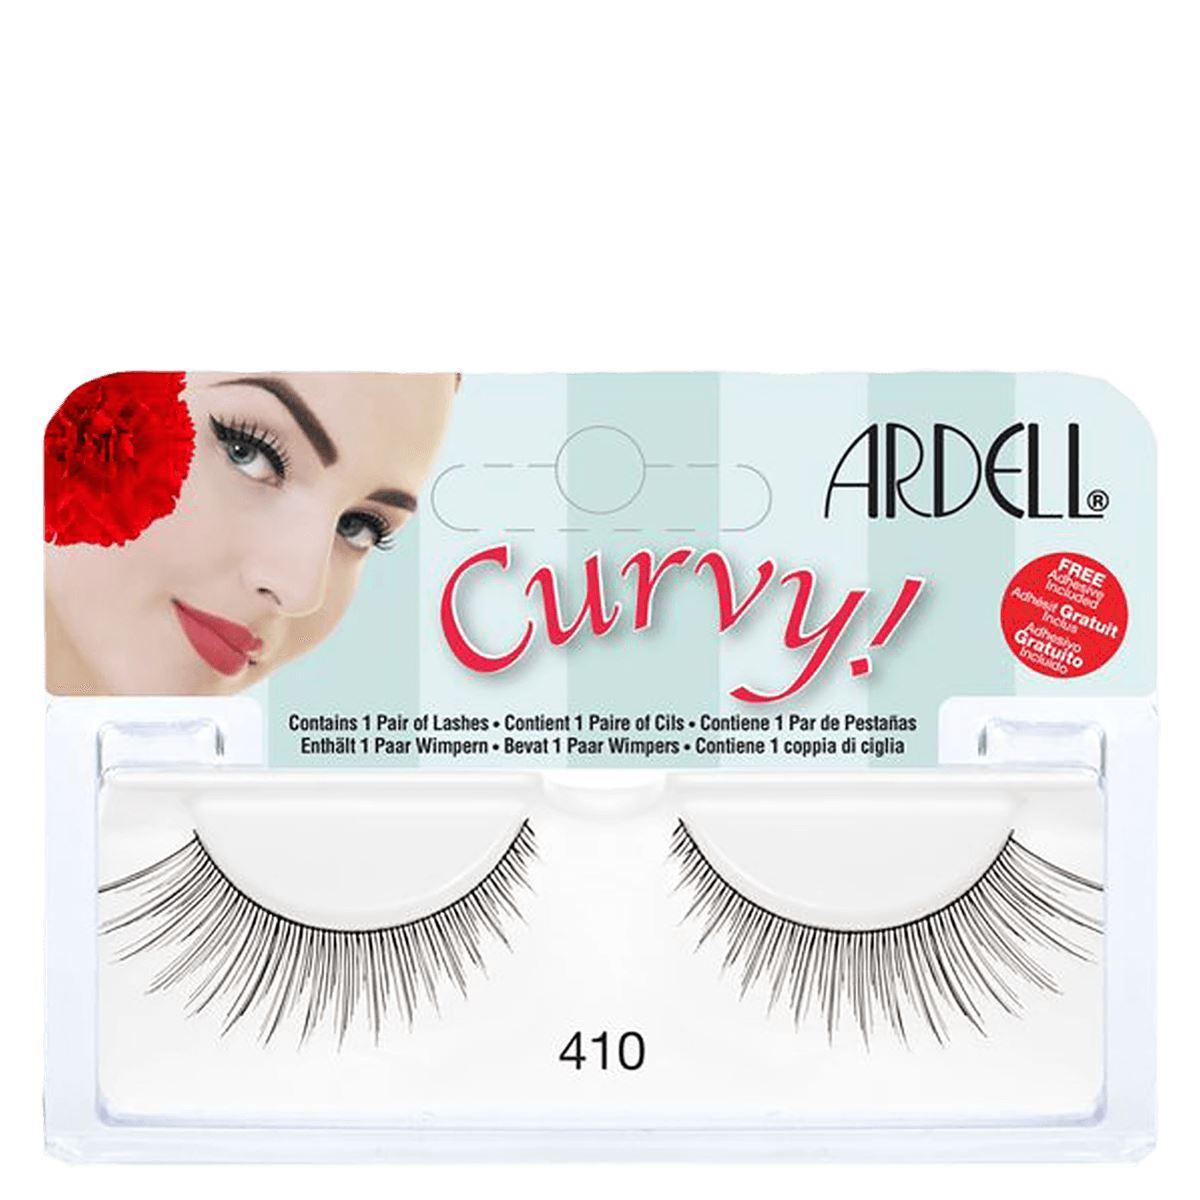 80c57544c37 Ardell Curvy Lashes 410 Black 74764615541 | eBay